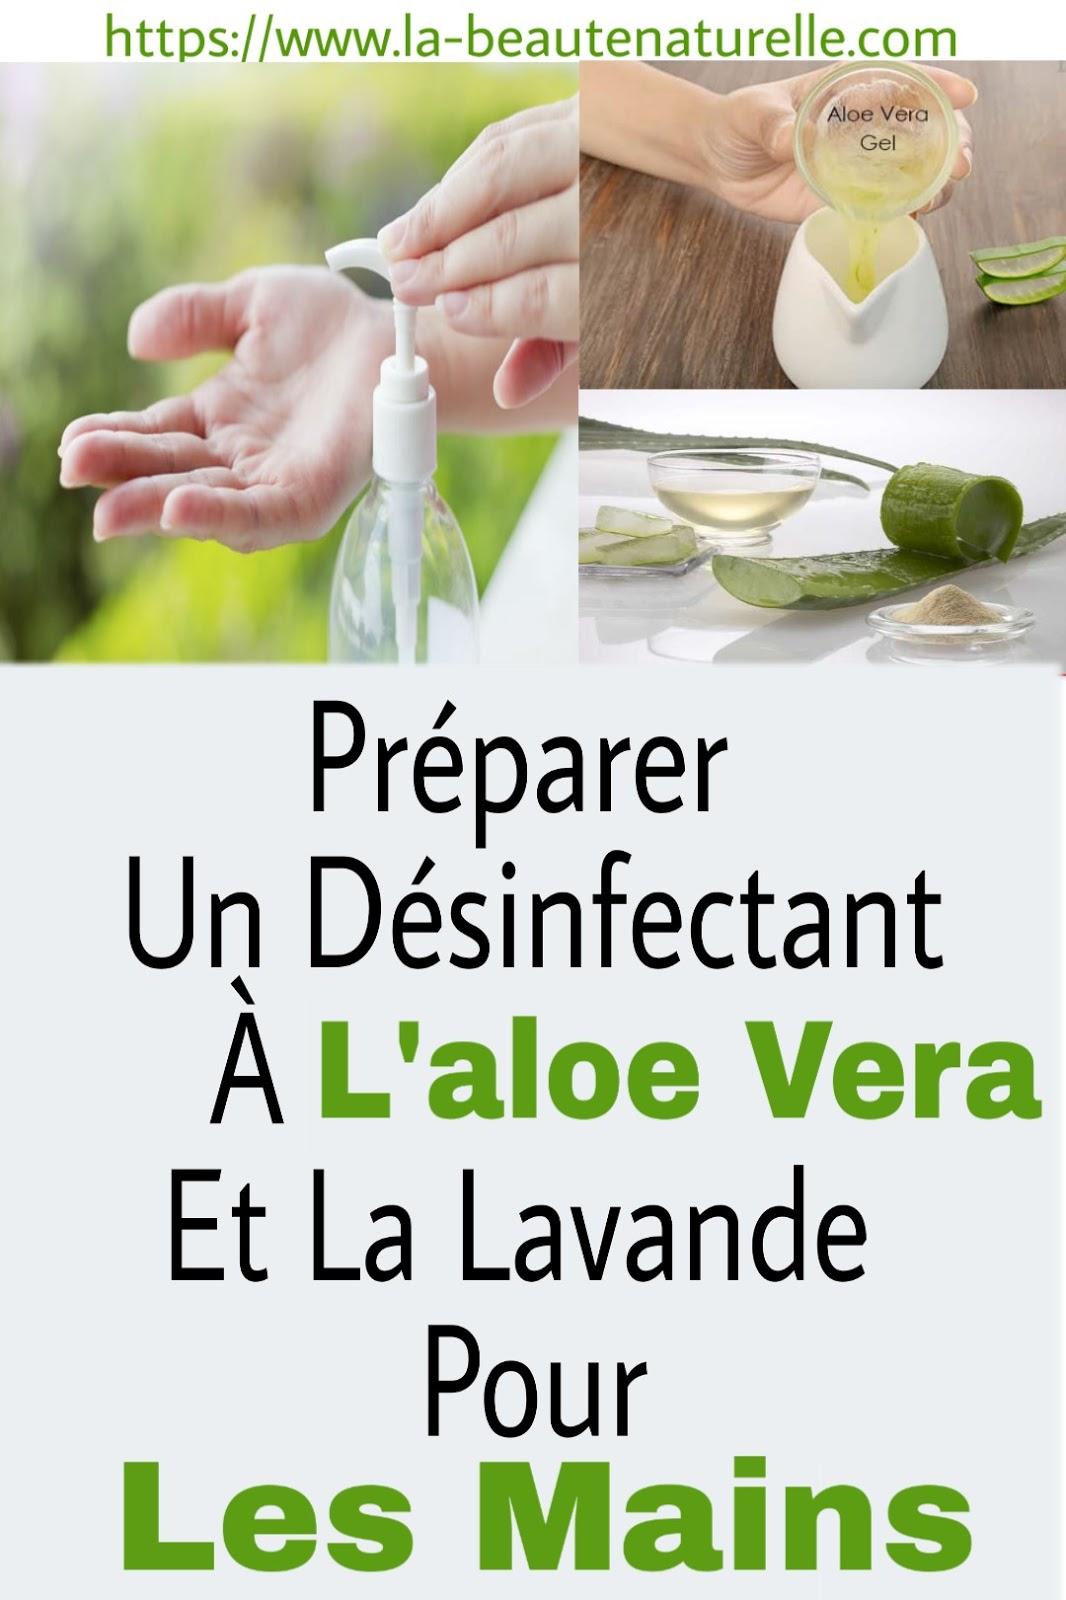 Préparer Un Désinfectant À L'aloe Vera Et La Lavande Pour Les Mains